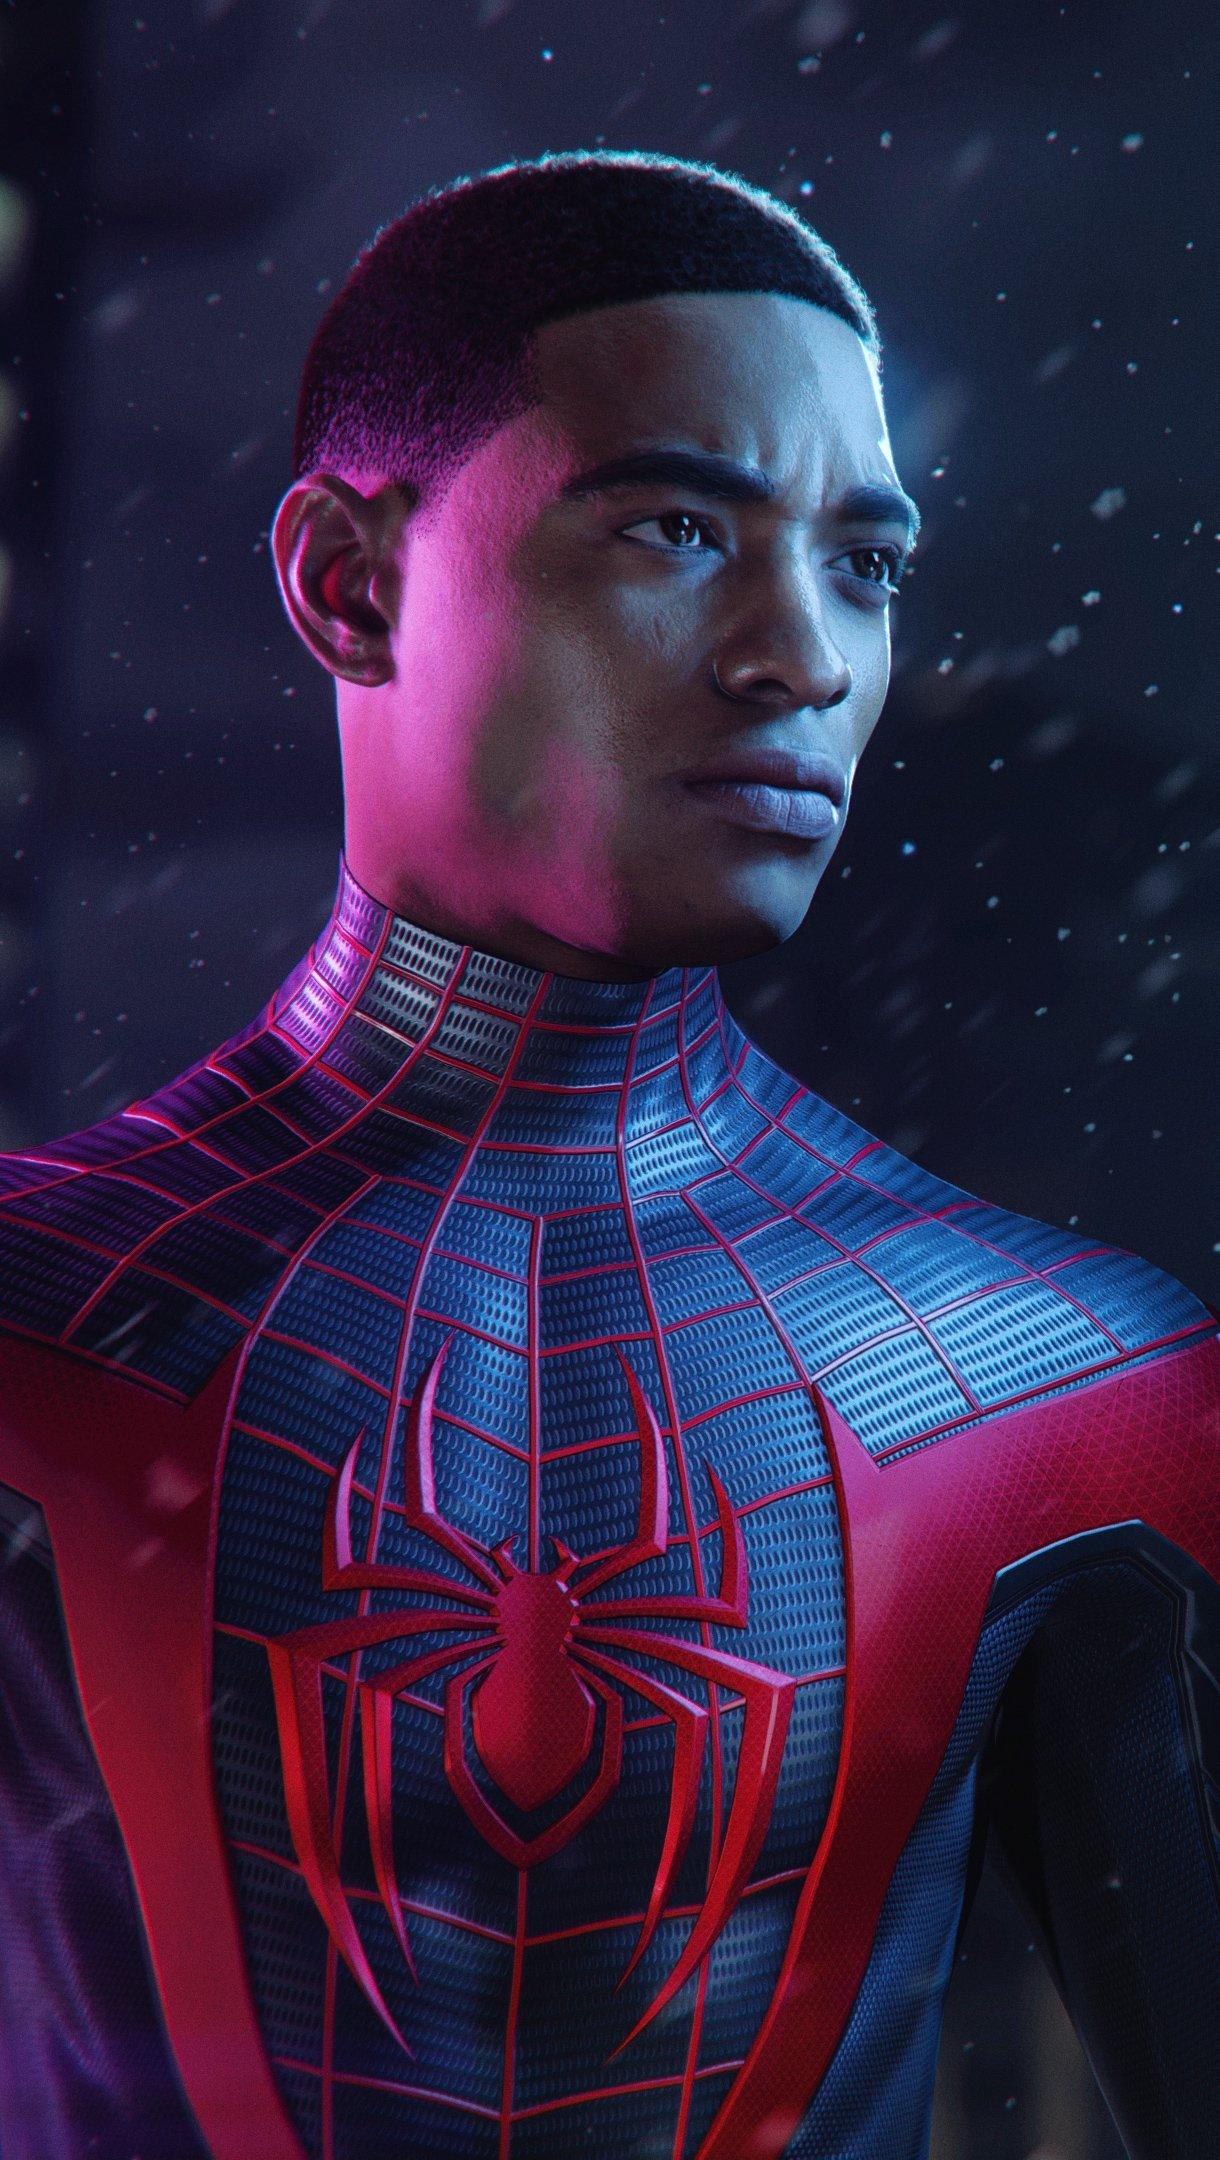 Fondos de pantalla Miles Morales como El hombre araña Vertical